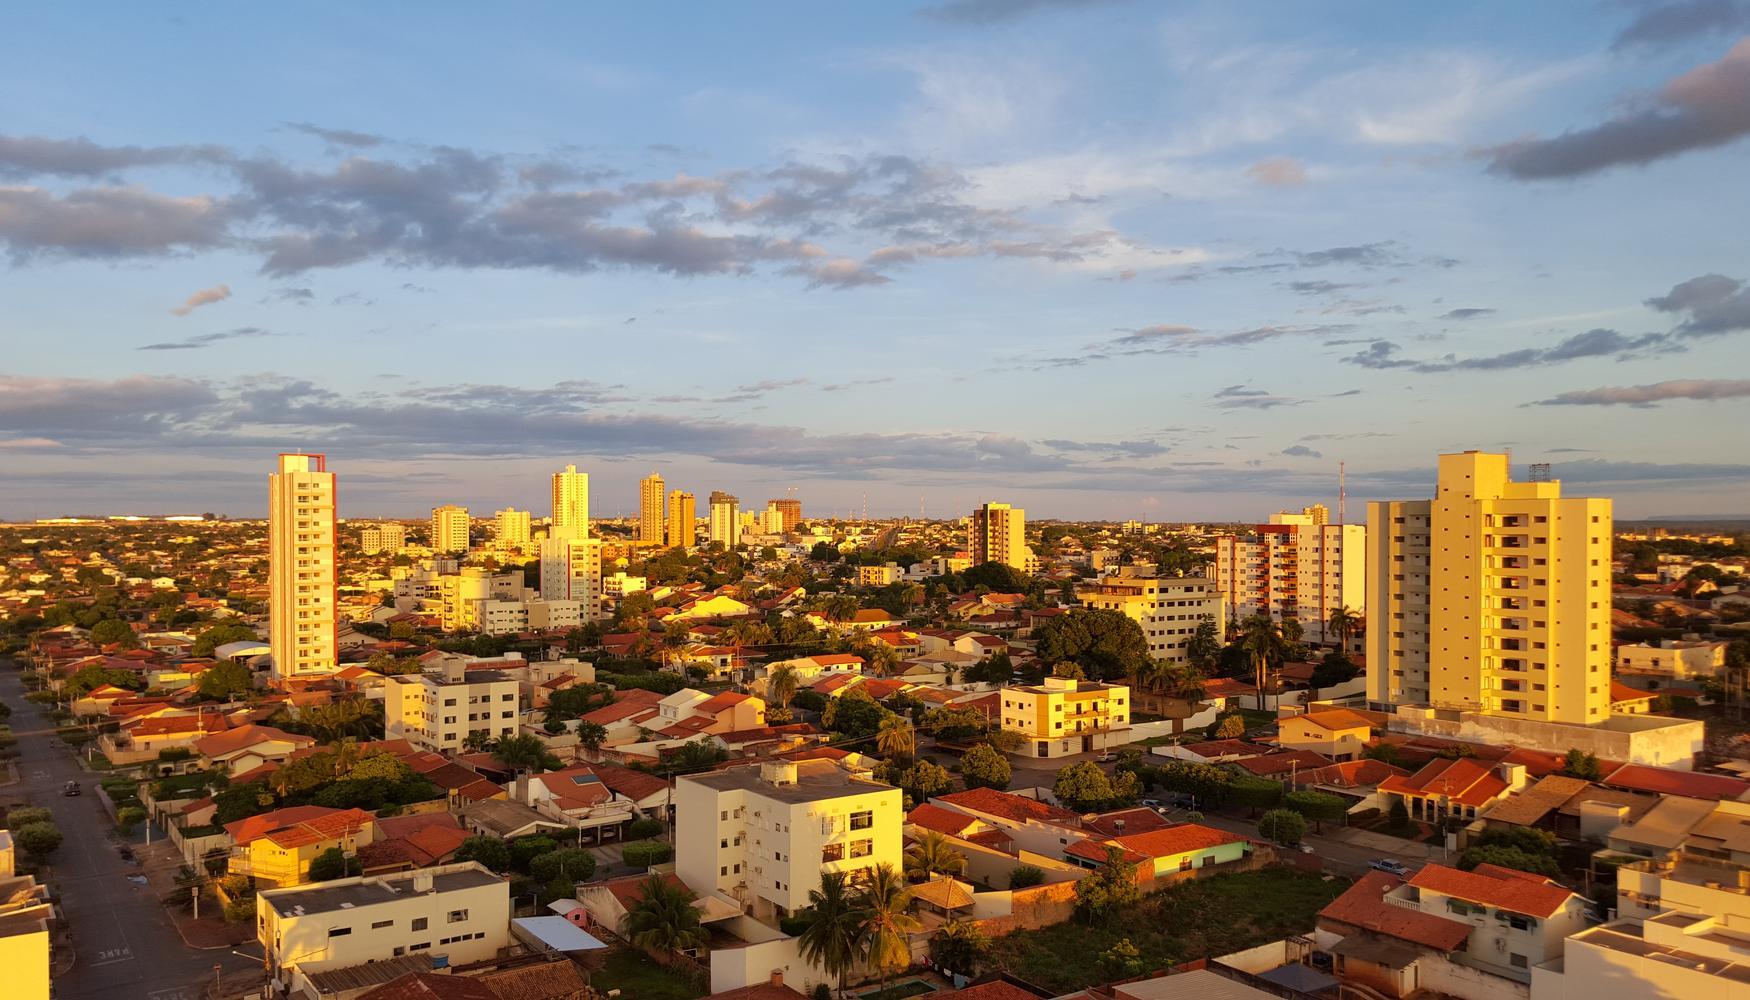 龍多諾波利斯 Rondonópolis租車